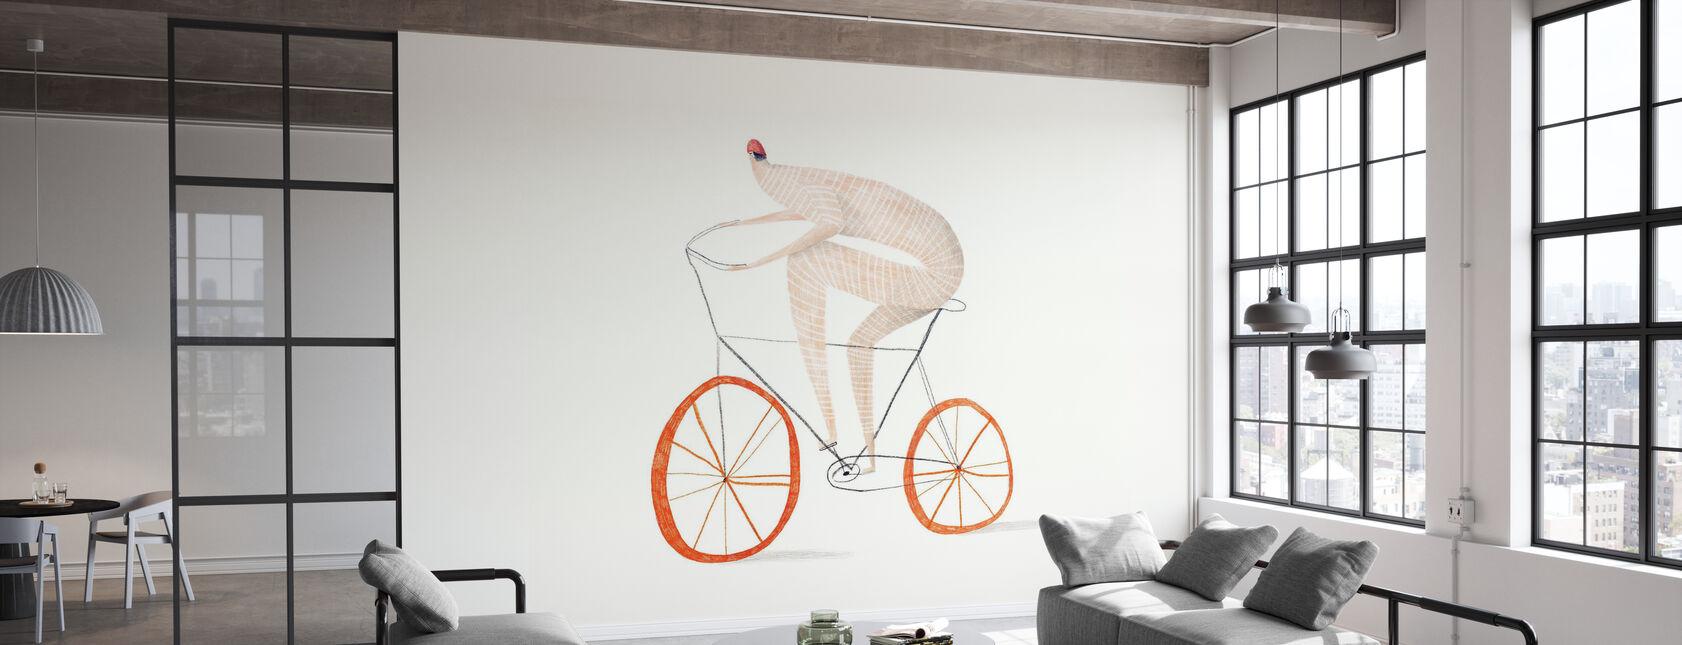 Ciclismo - Papel pintado - Oficina